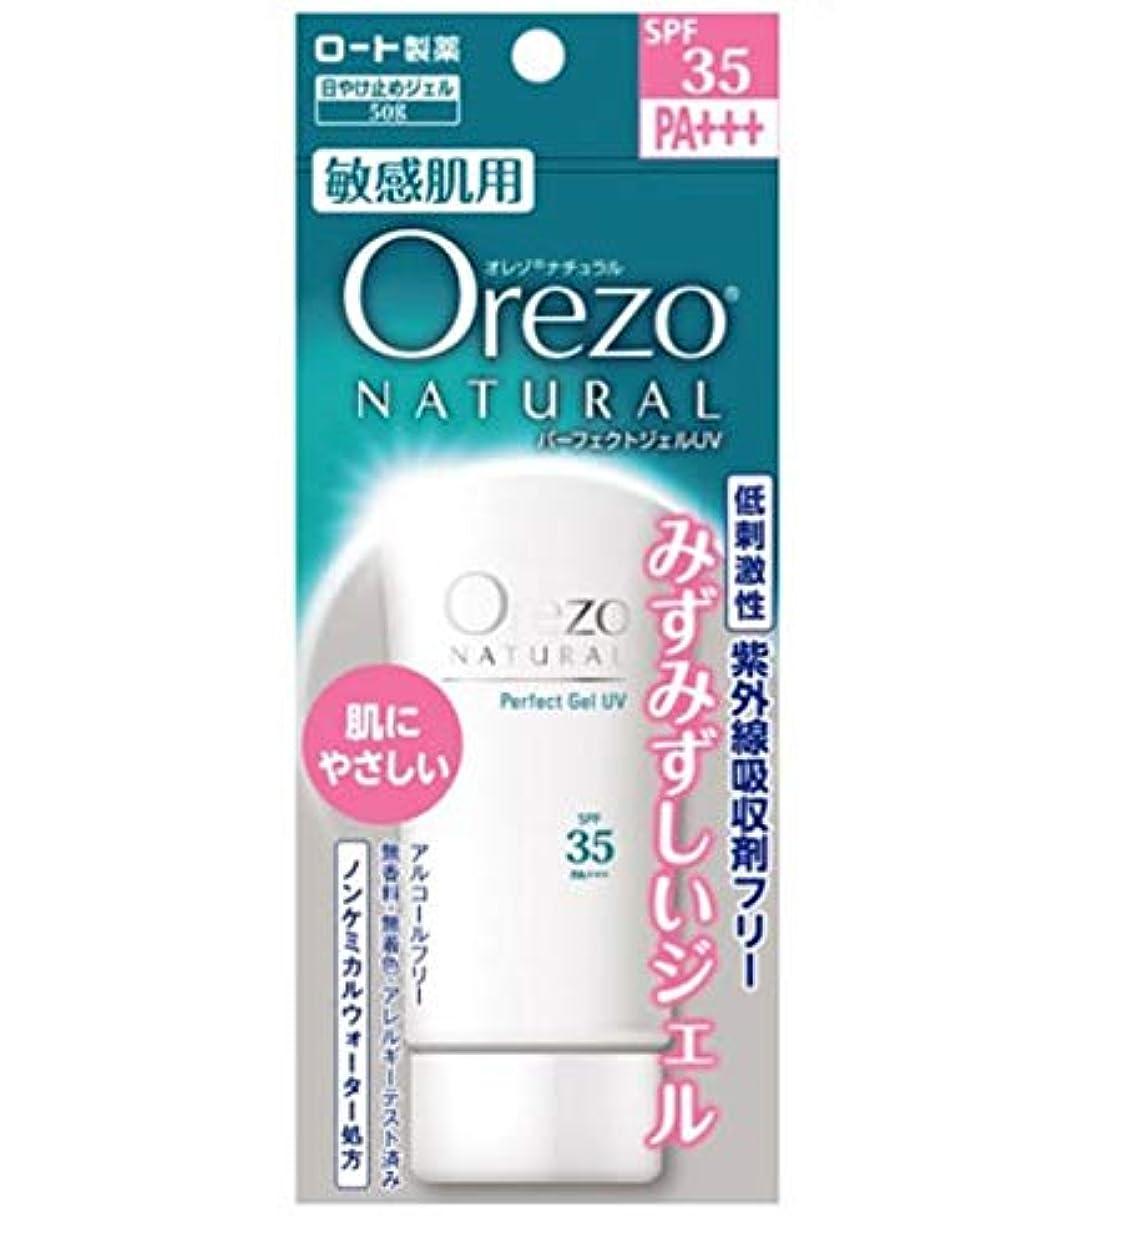 ストッキング唇ドル【ロート製薬】 オレゾ ナチュラル パーフェクトジェルUV SPF35/PA+++ 50g